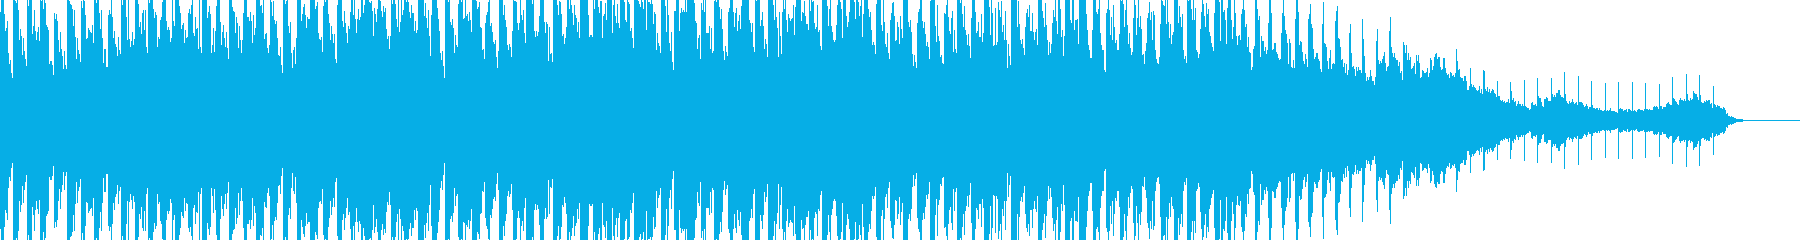 60秒 動画広告等に明るく元気なトランスの再生済みの波形